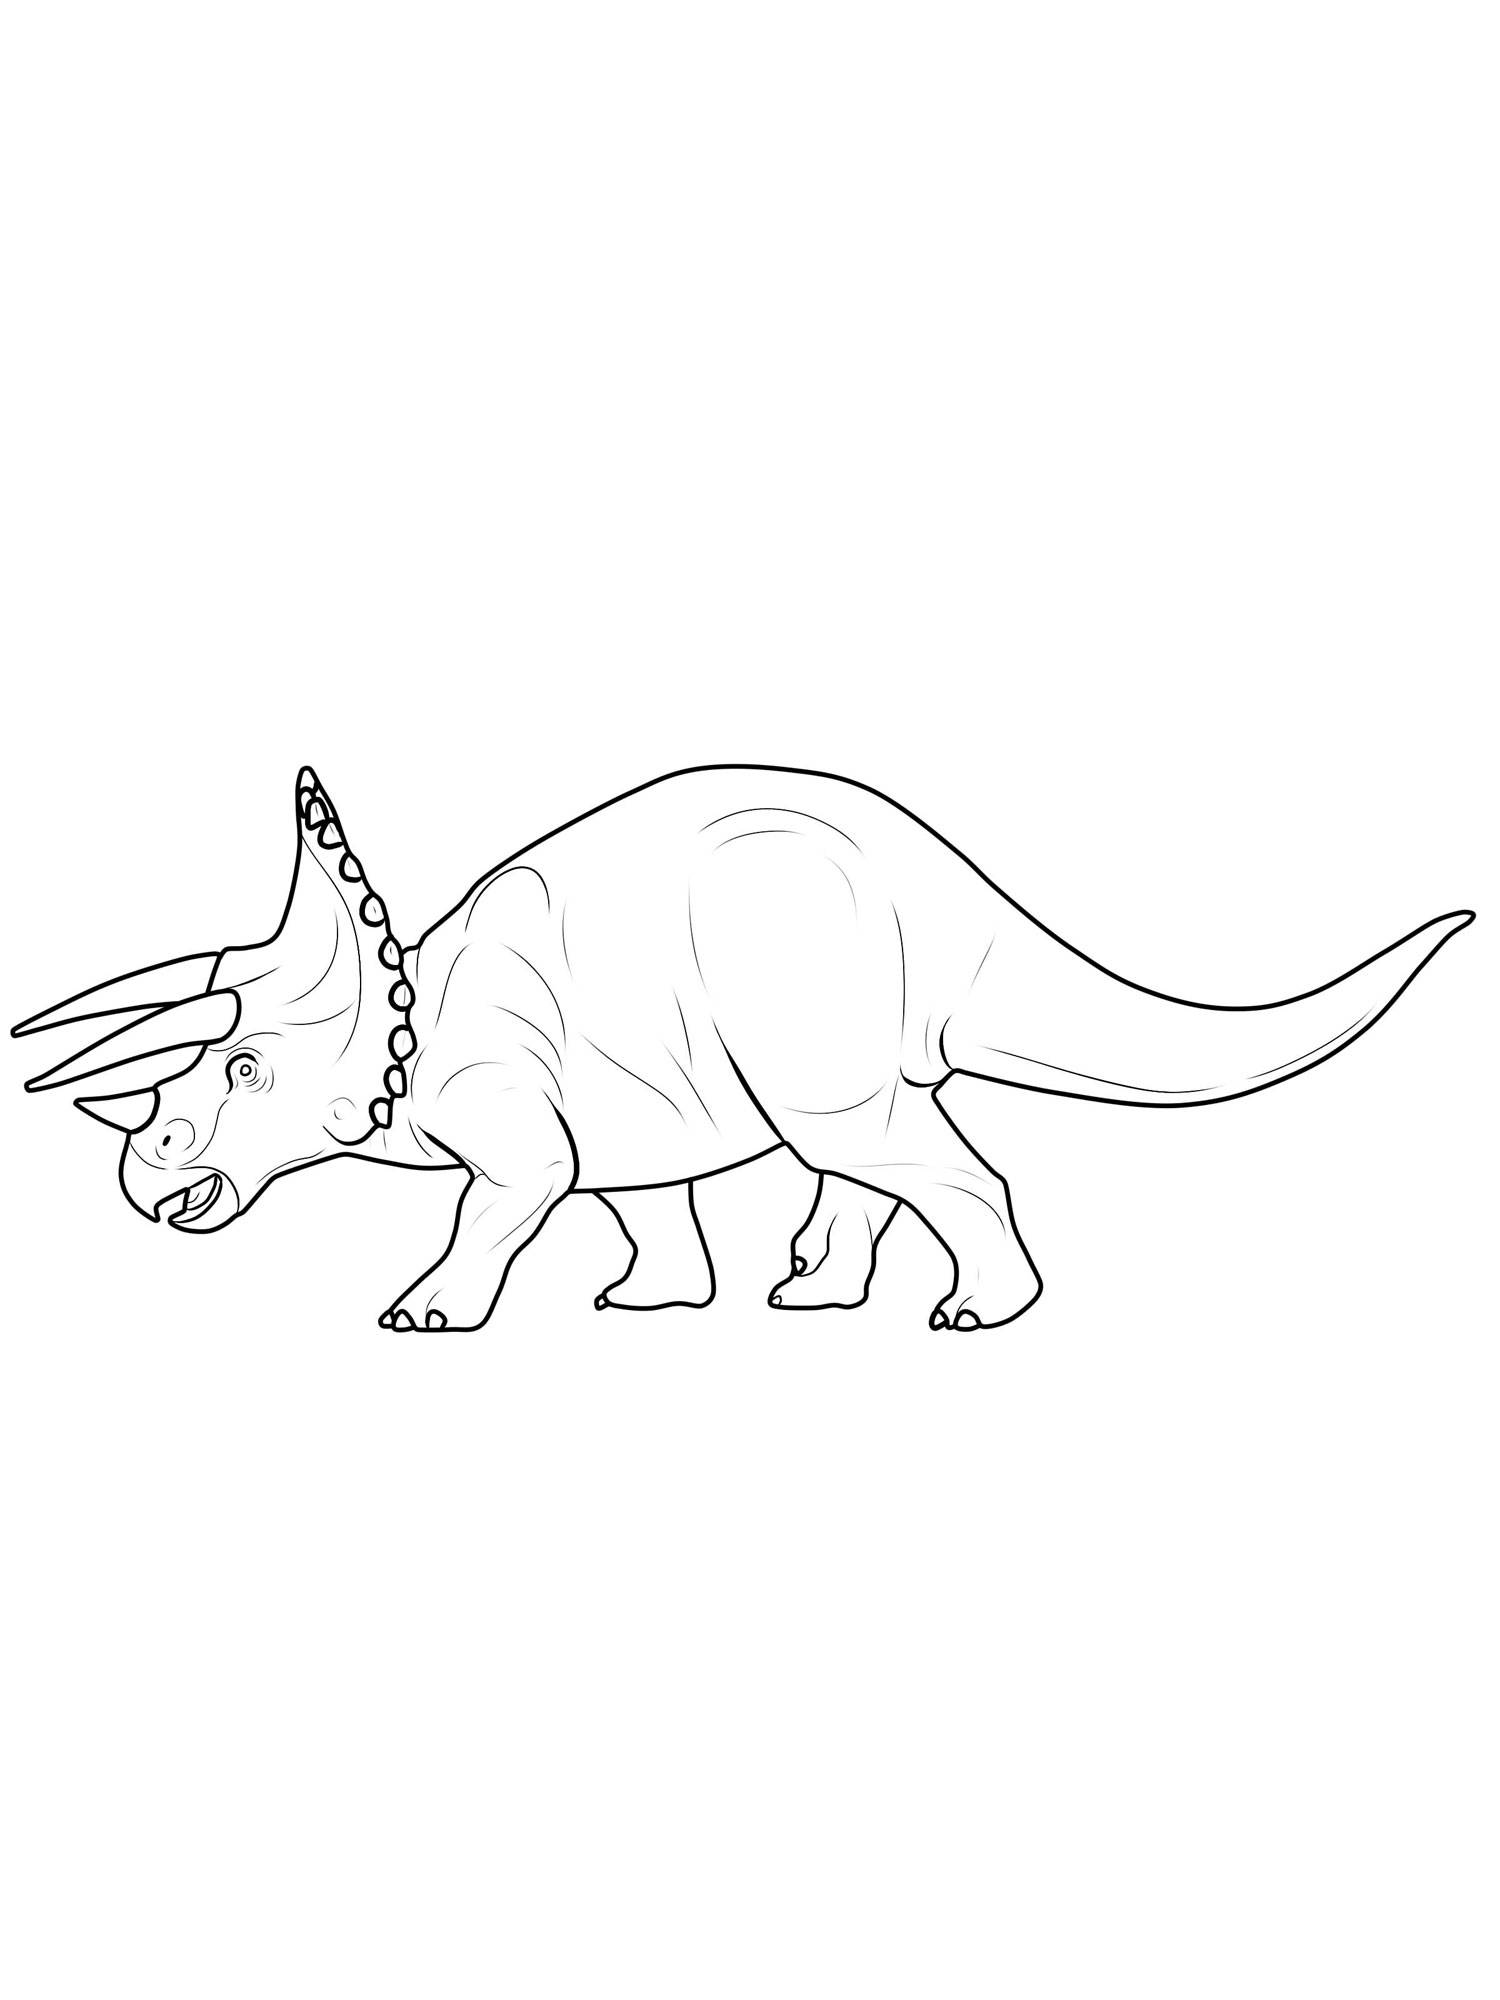 Kostenlose Malvorlage Dinosaurier und Steinzeit: Dinosaurier